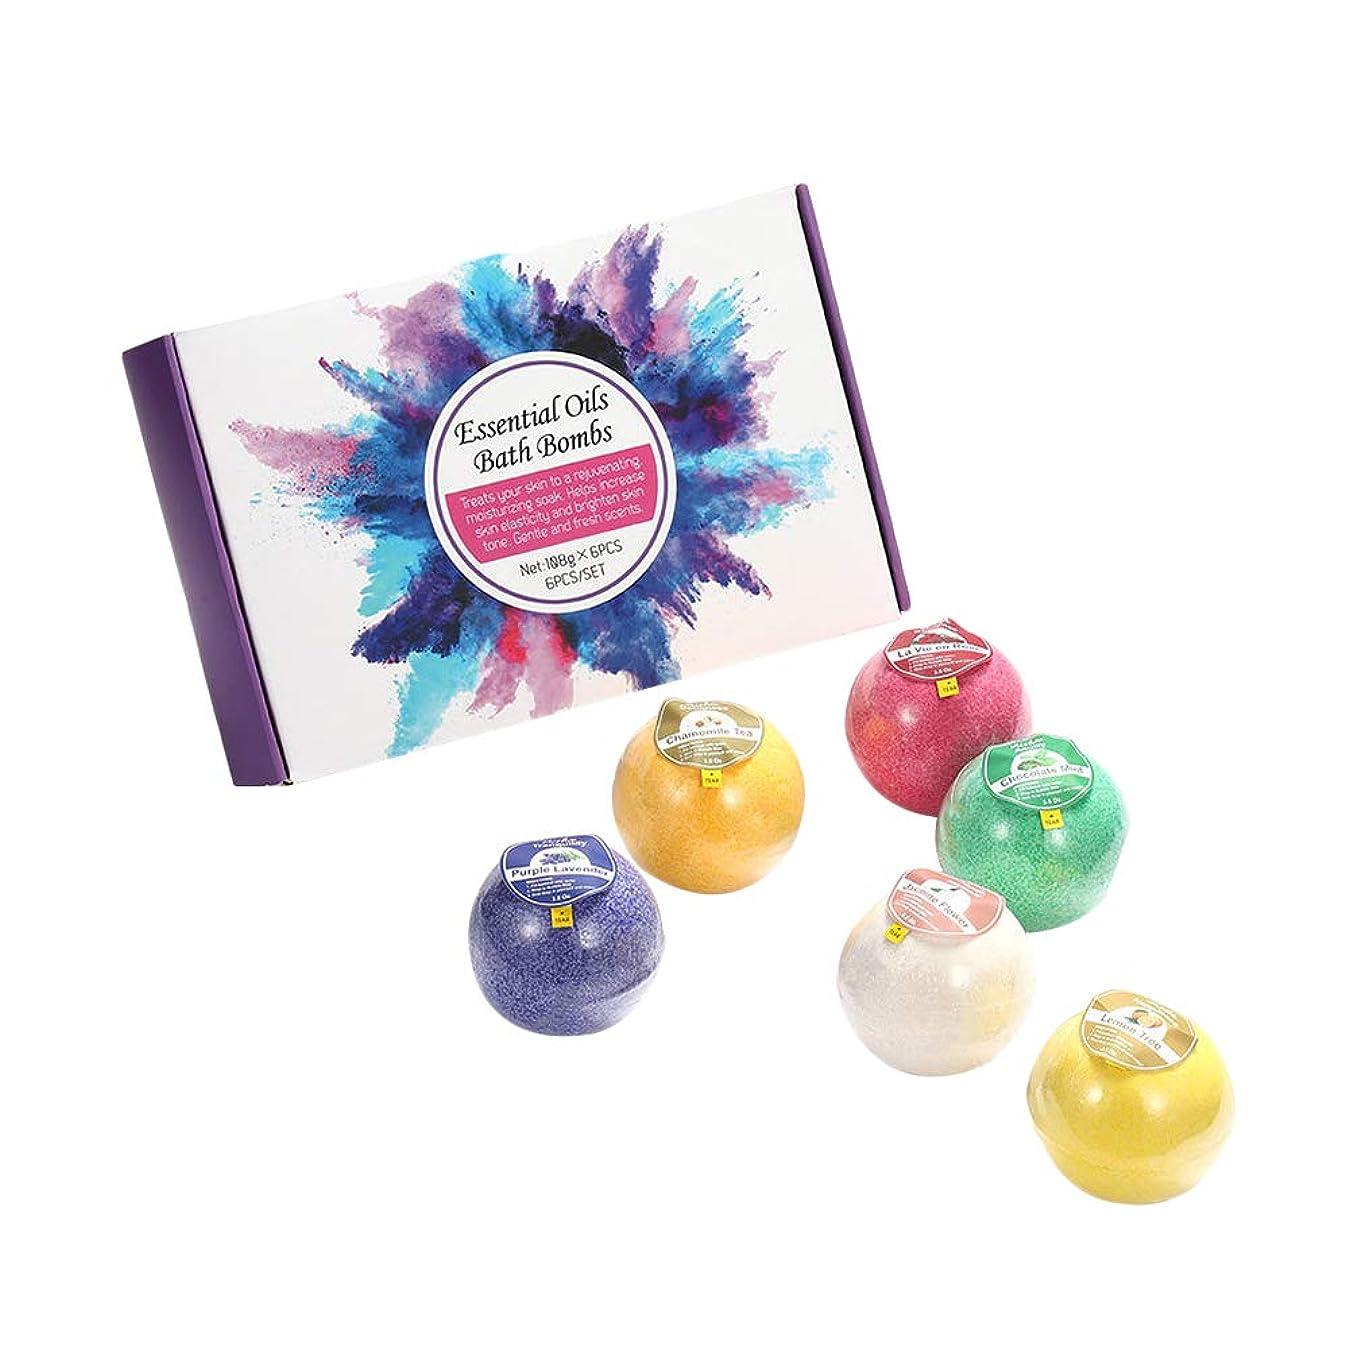 どこでも否認する施しお風呂爆弾セット-海塩dndエッセンシャルオイルバスボール、彼女/彼のための最高の誕生日プレゼントのアイデア